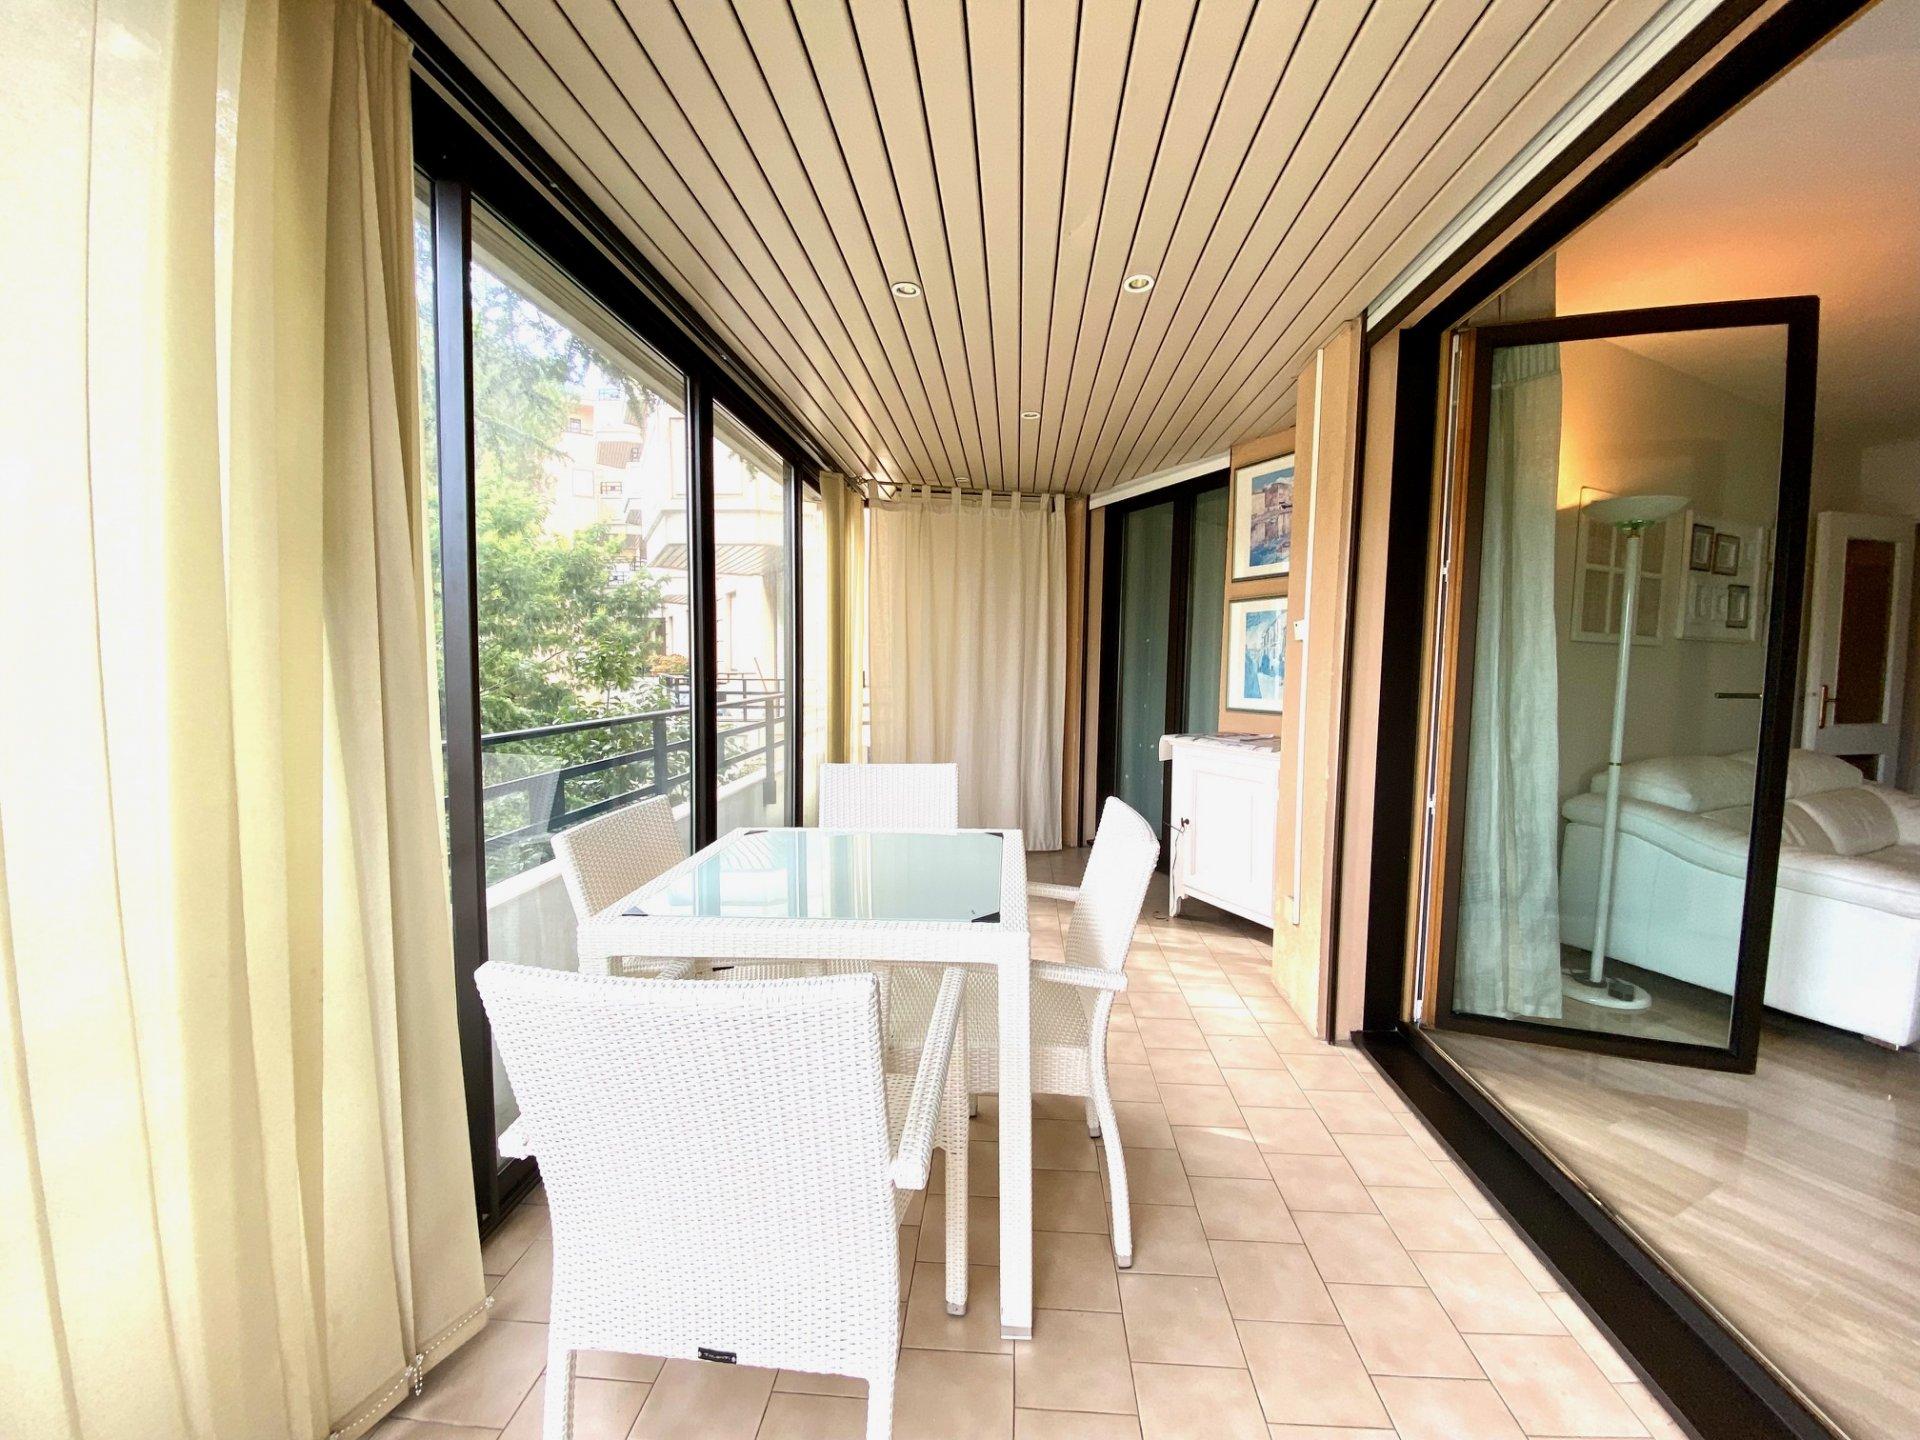 2 pièces de 50 m² Cannes - Banane -